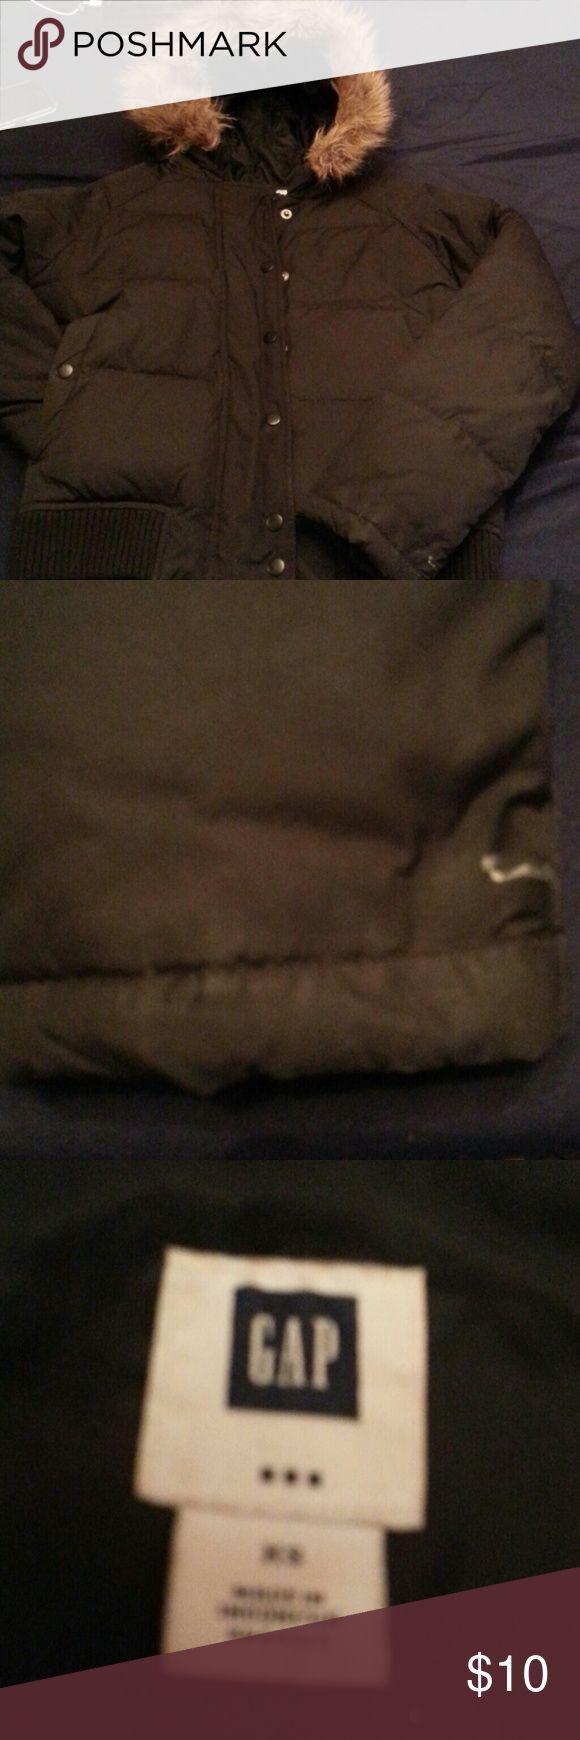 GAP JACKET Black GAP jacket. Littl3 white spot, very pretty GAP Jackets & Coats